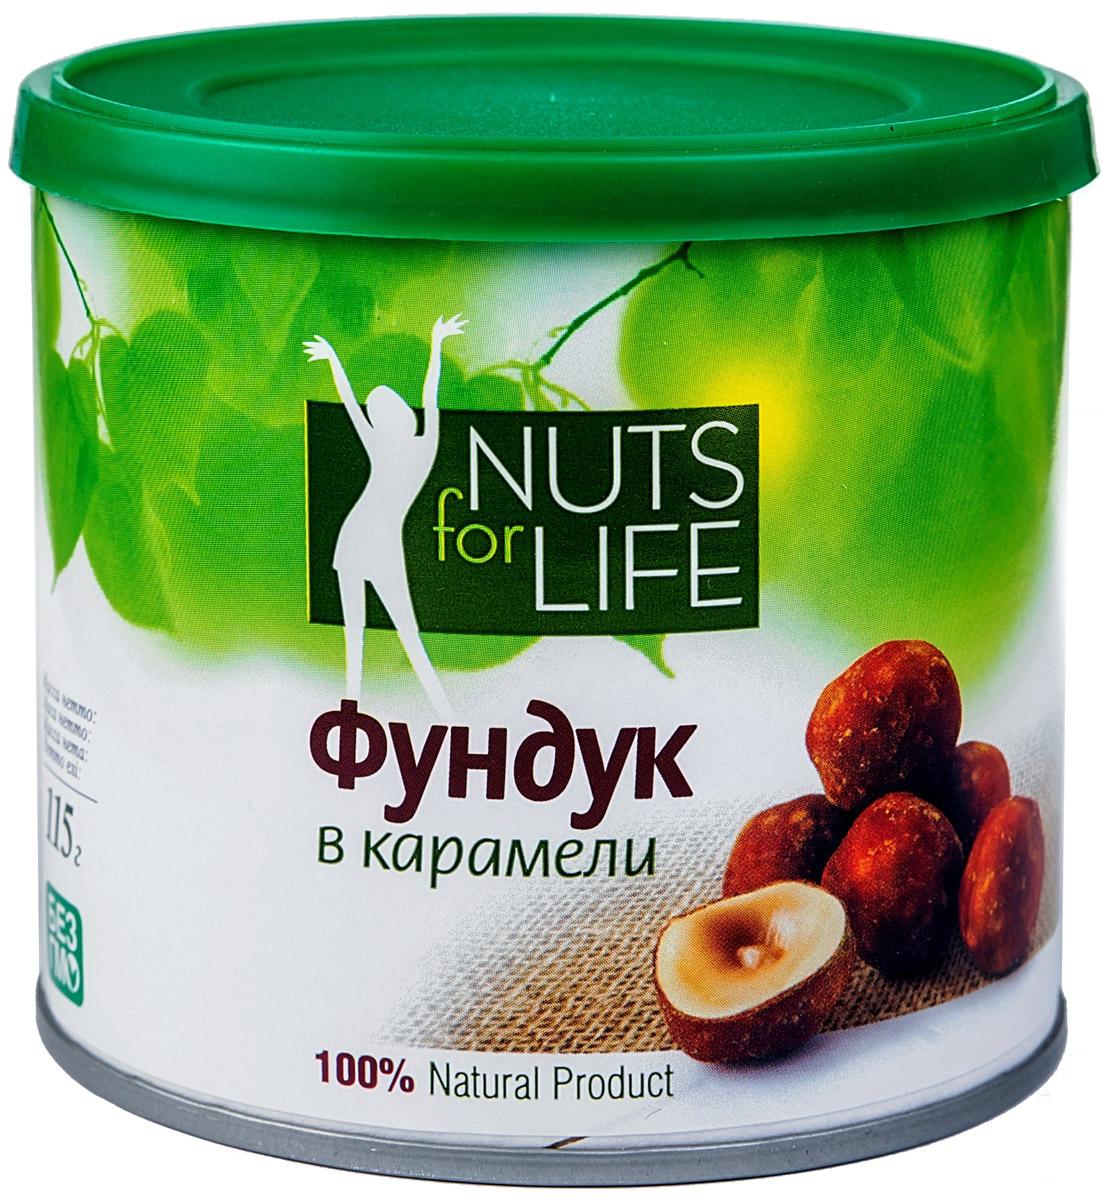 Nuts for Life Фундук в карамели, 115 г0120710Очищенный фундук Nuts for Life проходит щадящую обжарку и покрывается тончайшим слоем карамели. Хрустящий, ароматный, а теперь и сладкий фундук не оставит равнодушными ни детей ни взрослых!